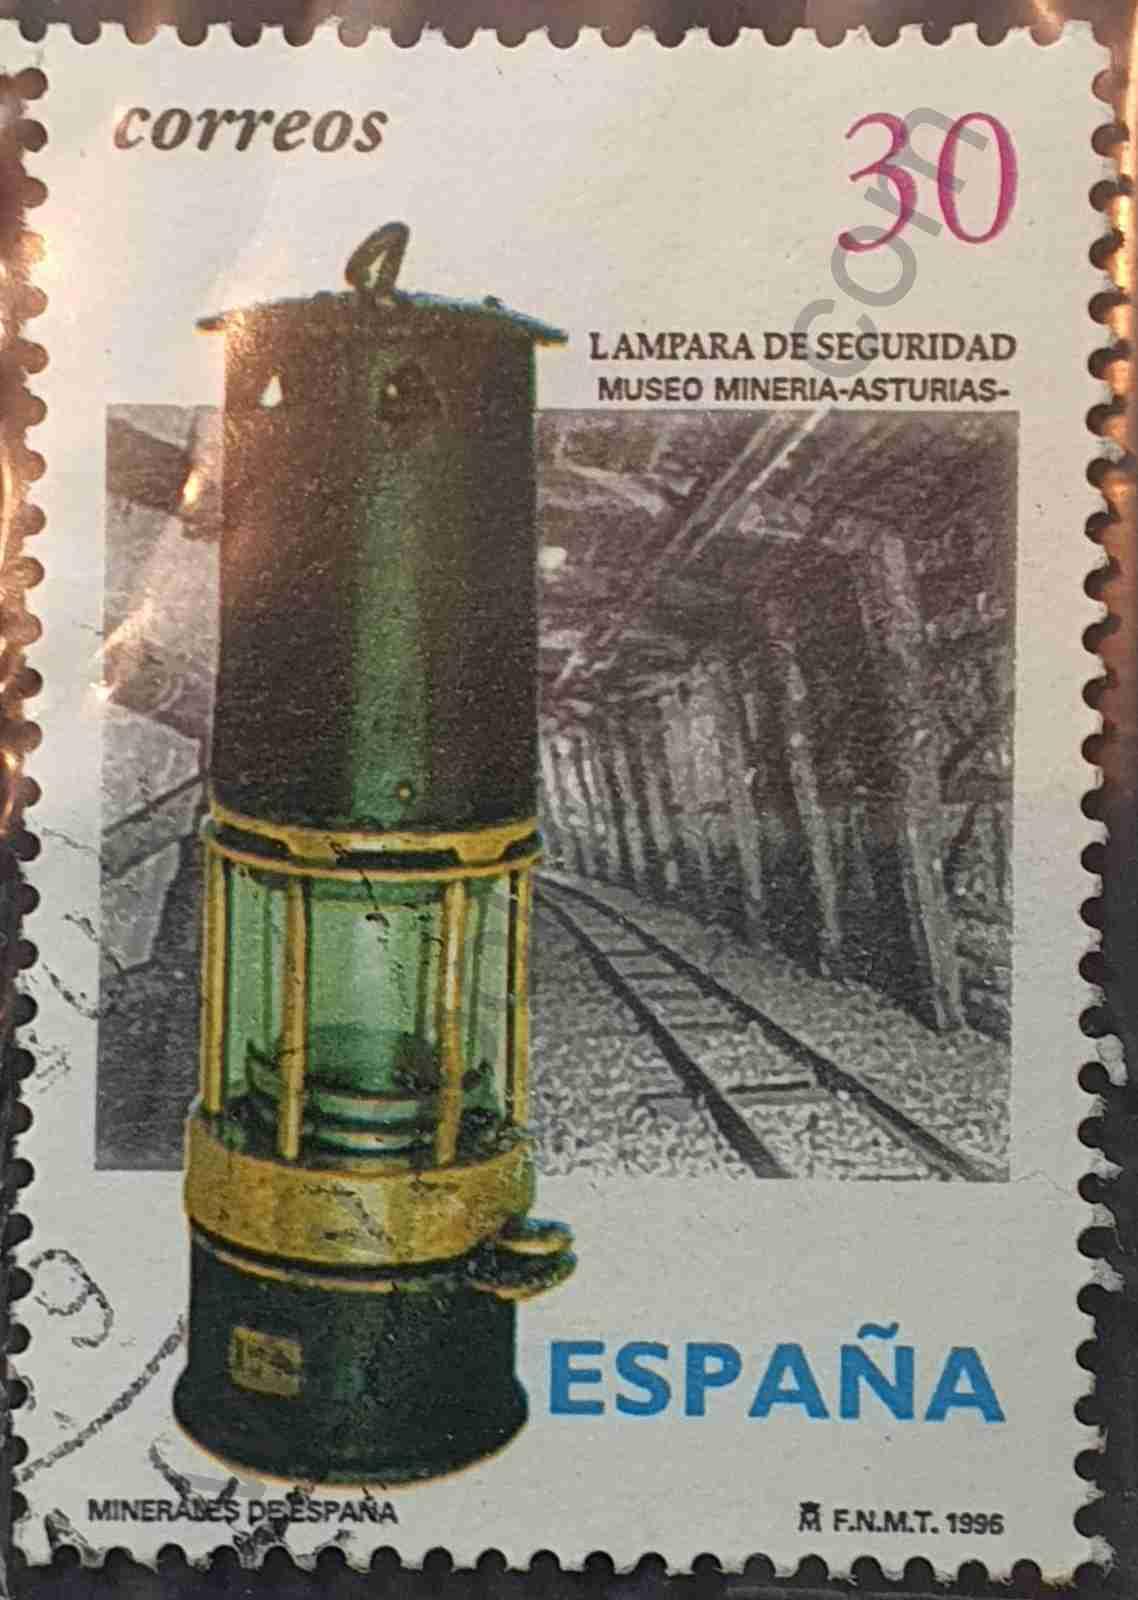 Minería, Minerales, Prevención de riesgos laborales, Sellos España, Spain Stamps